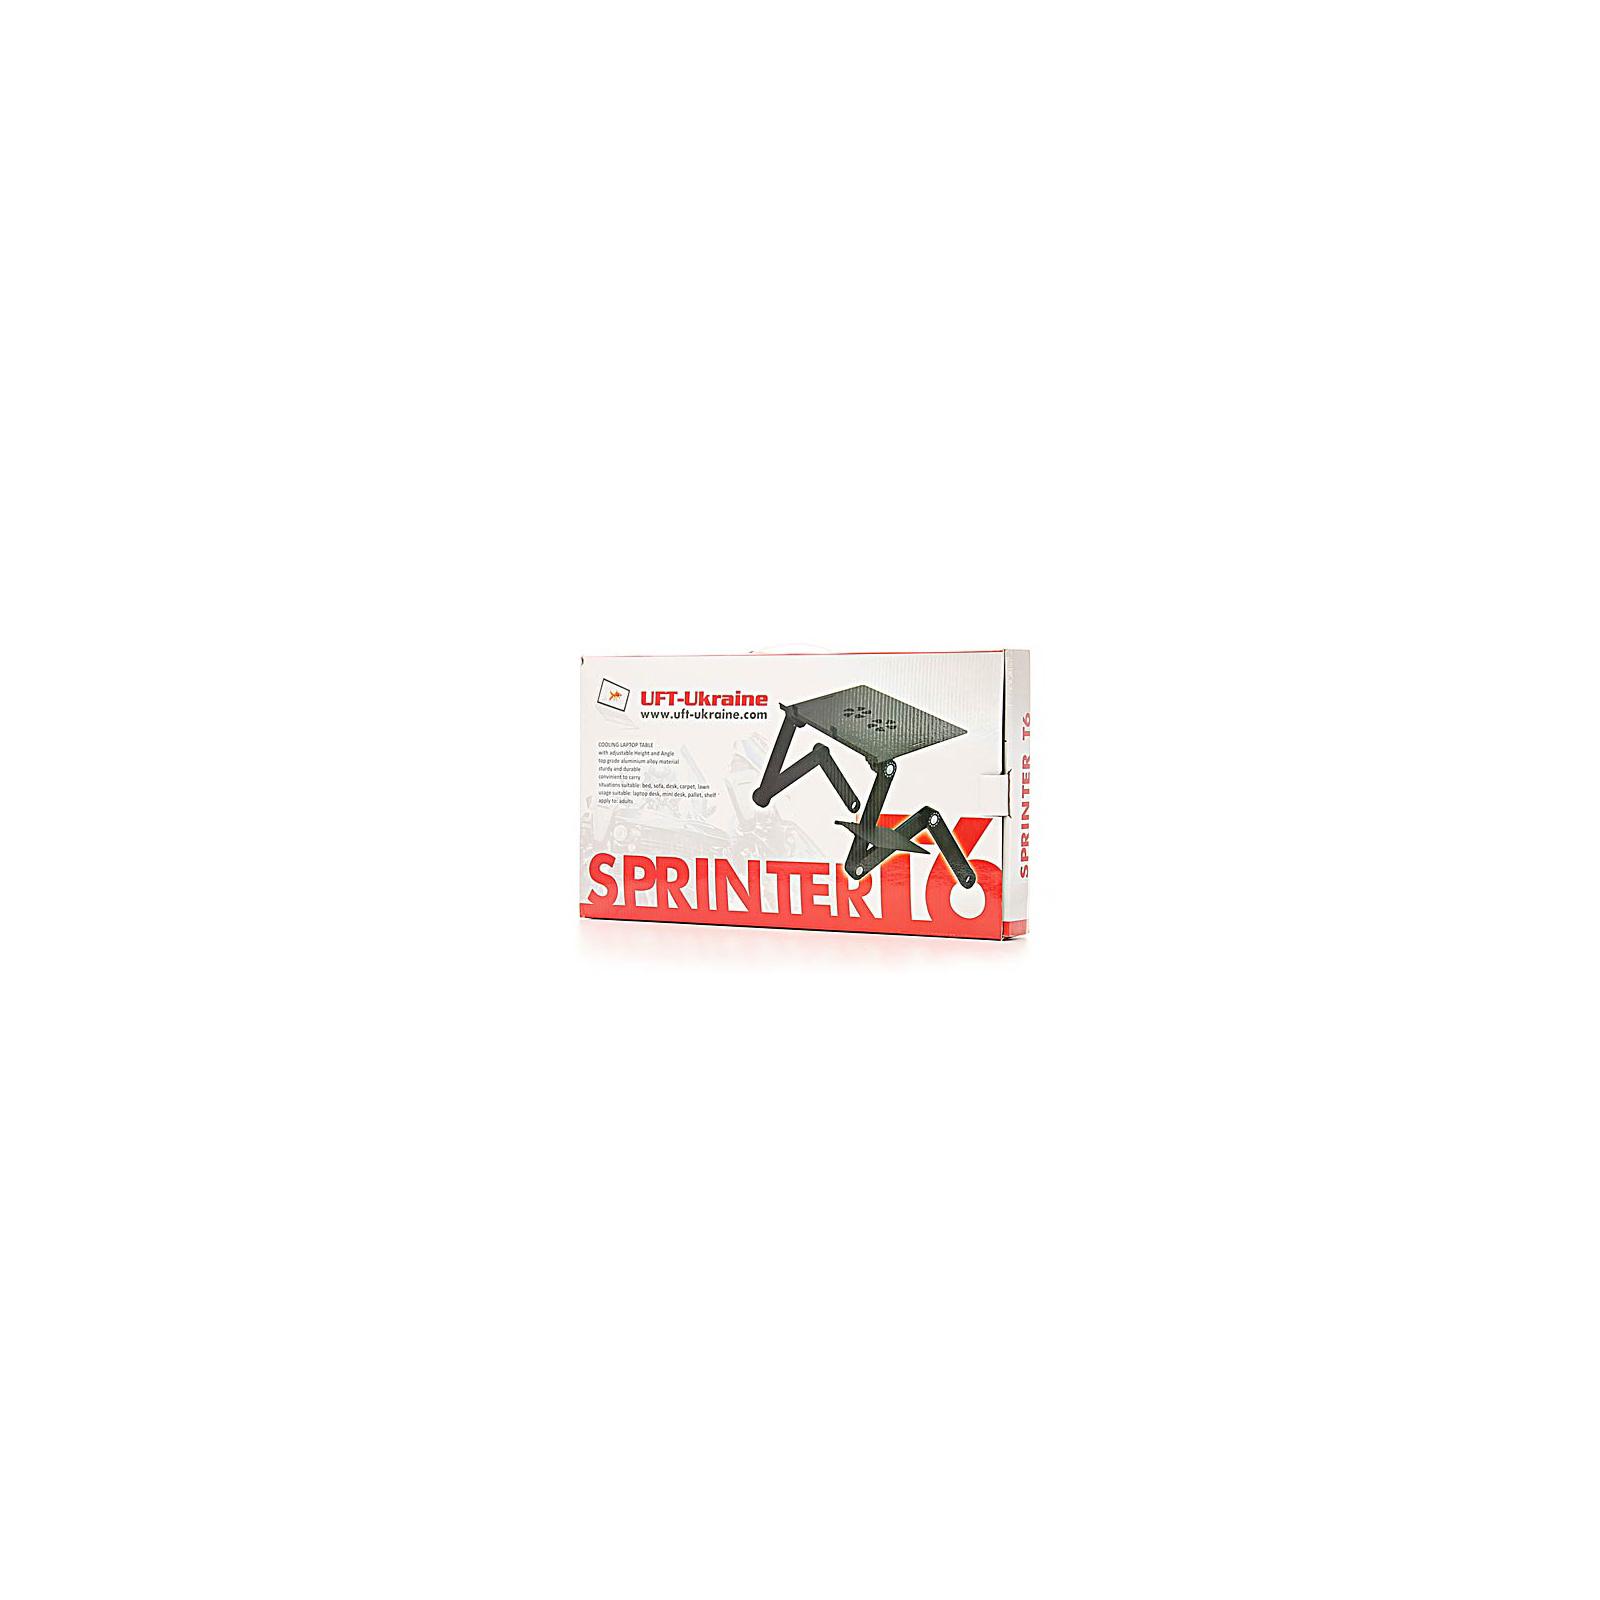 Подставка для ноутбука UFT Sprinter T6 Silver изображение 5